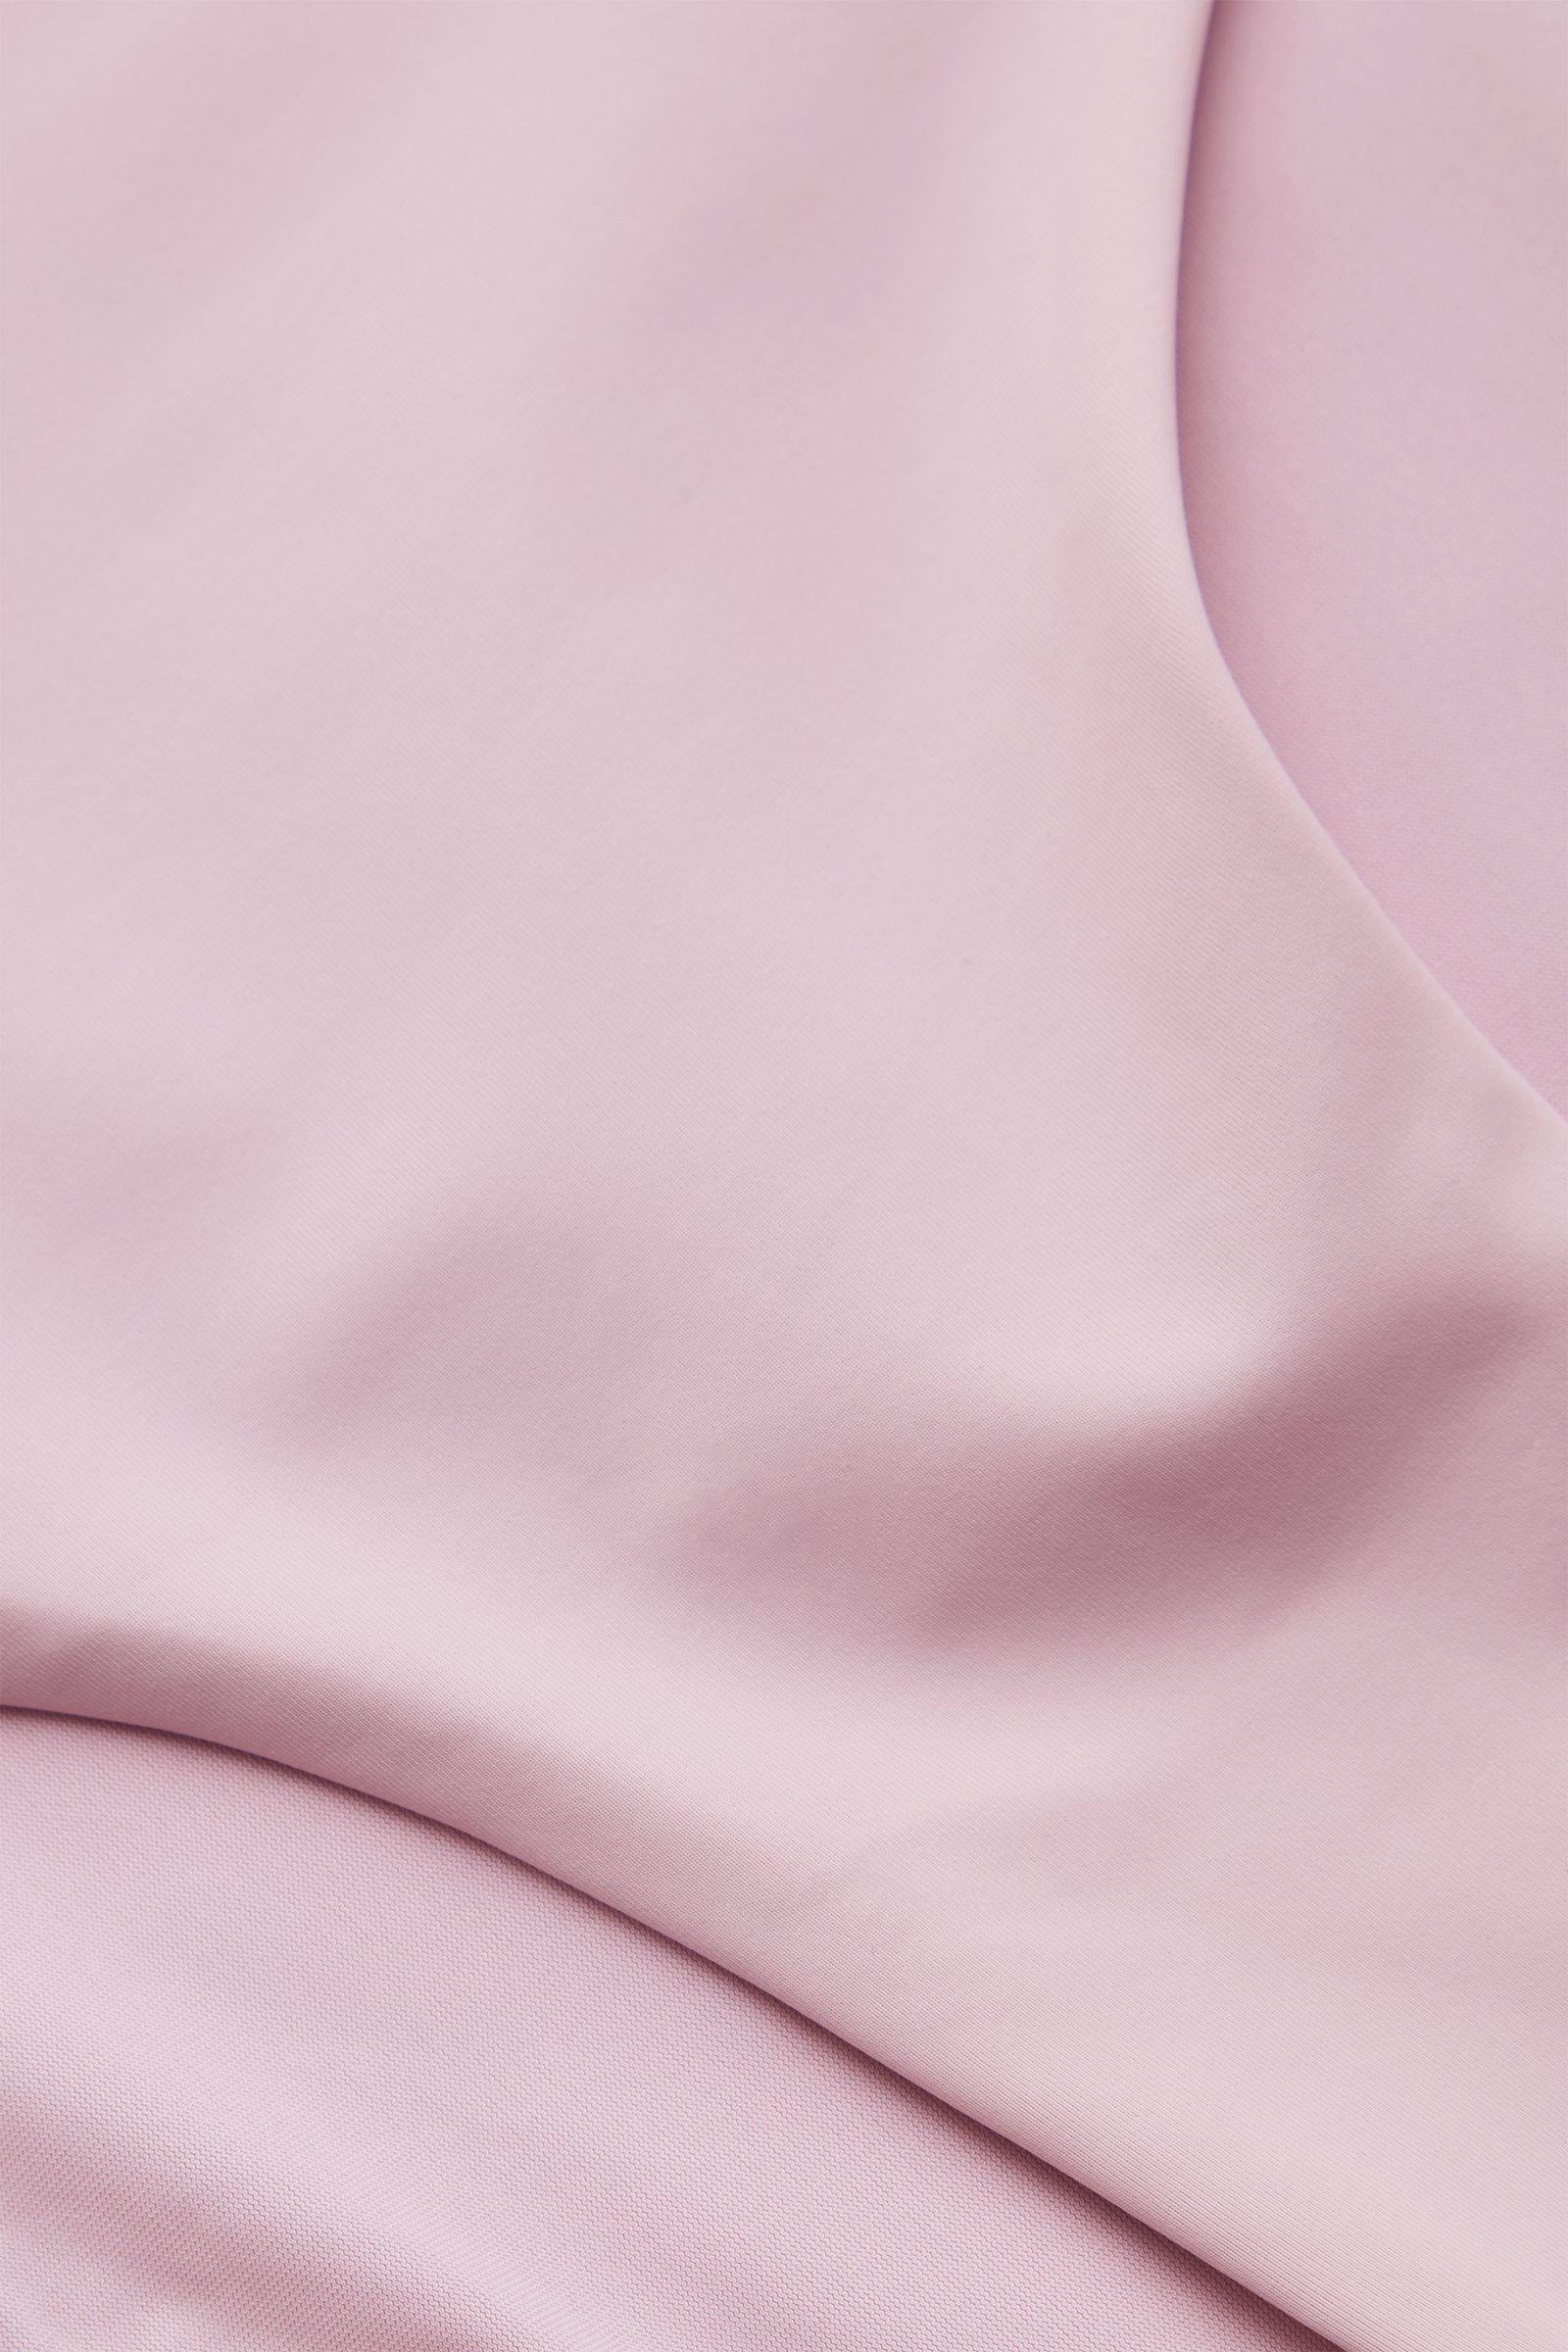 COS 하이 웨이스트 비키니 바텀의 핑크컬러 Detail입니다.